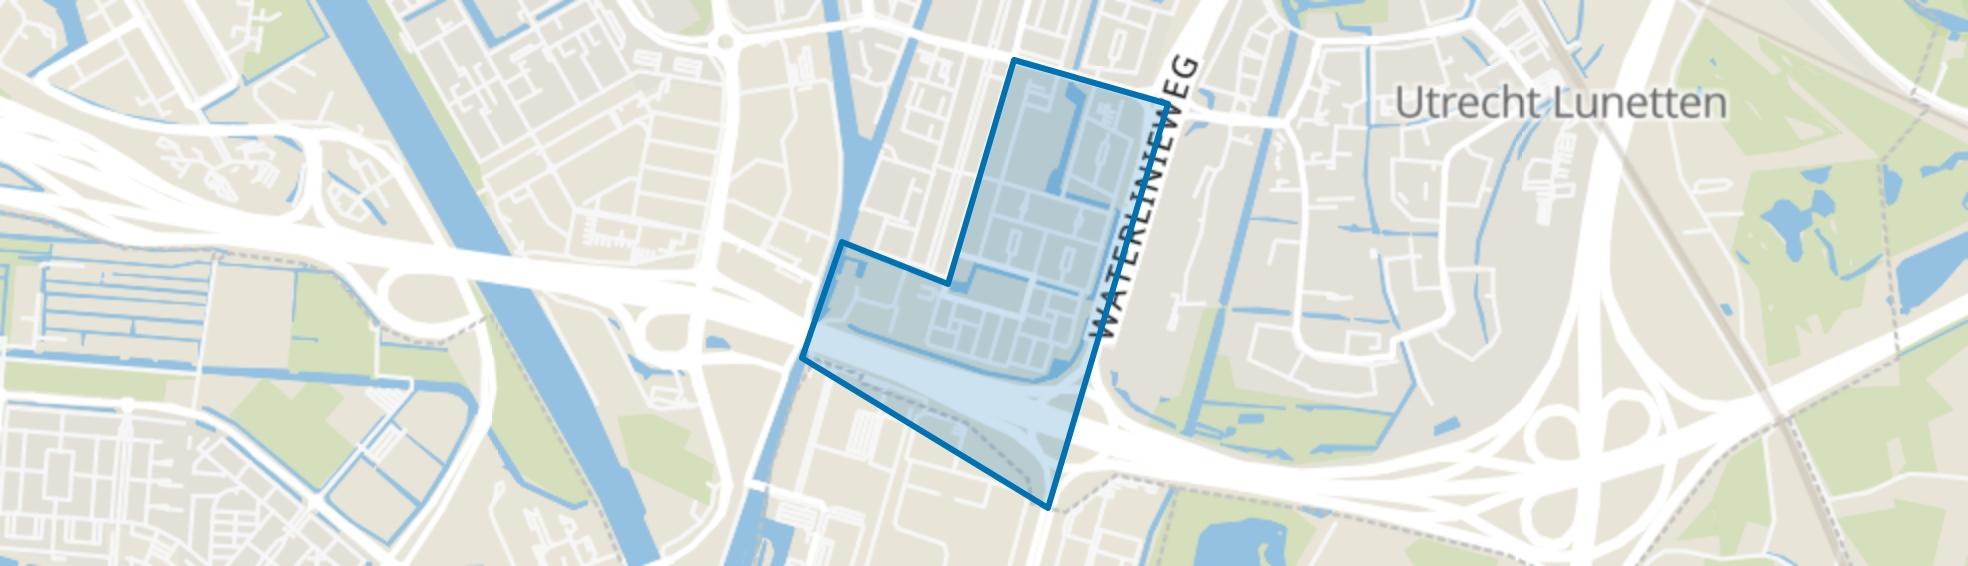 Nieuw Hoograven-Zuid, Utrecht map